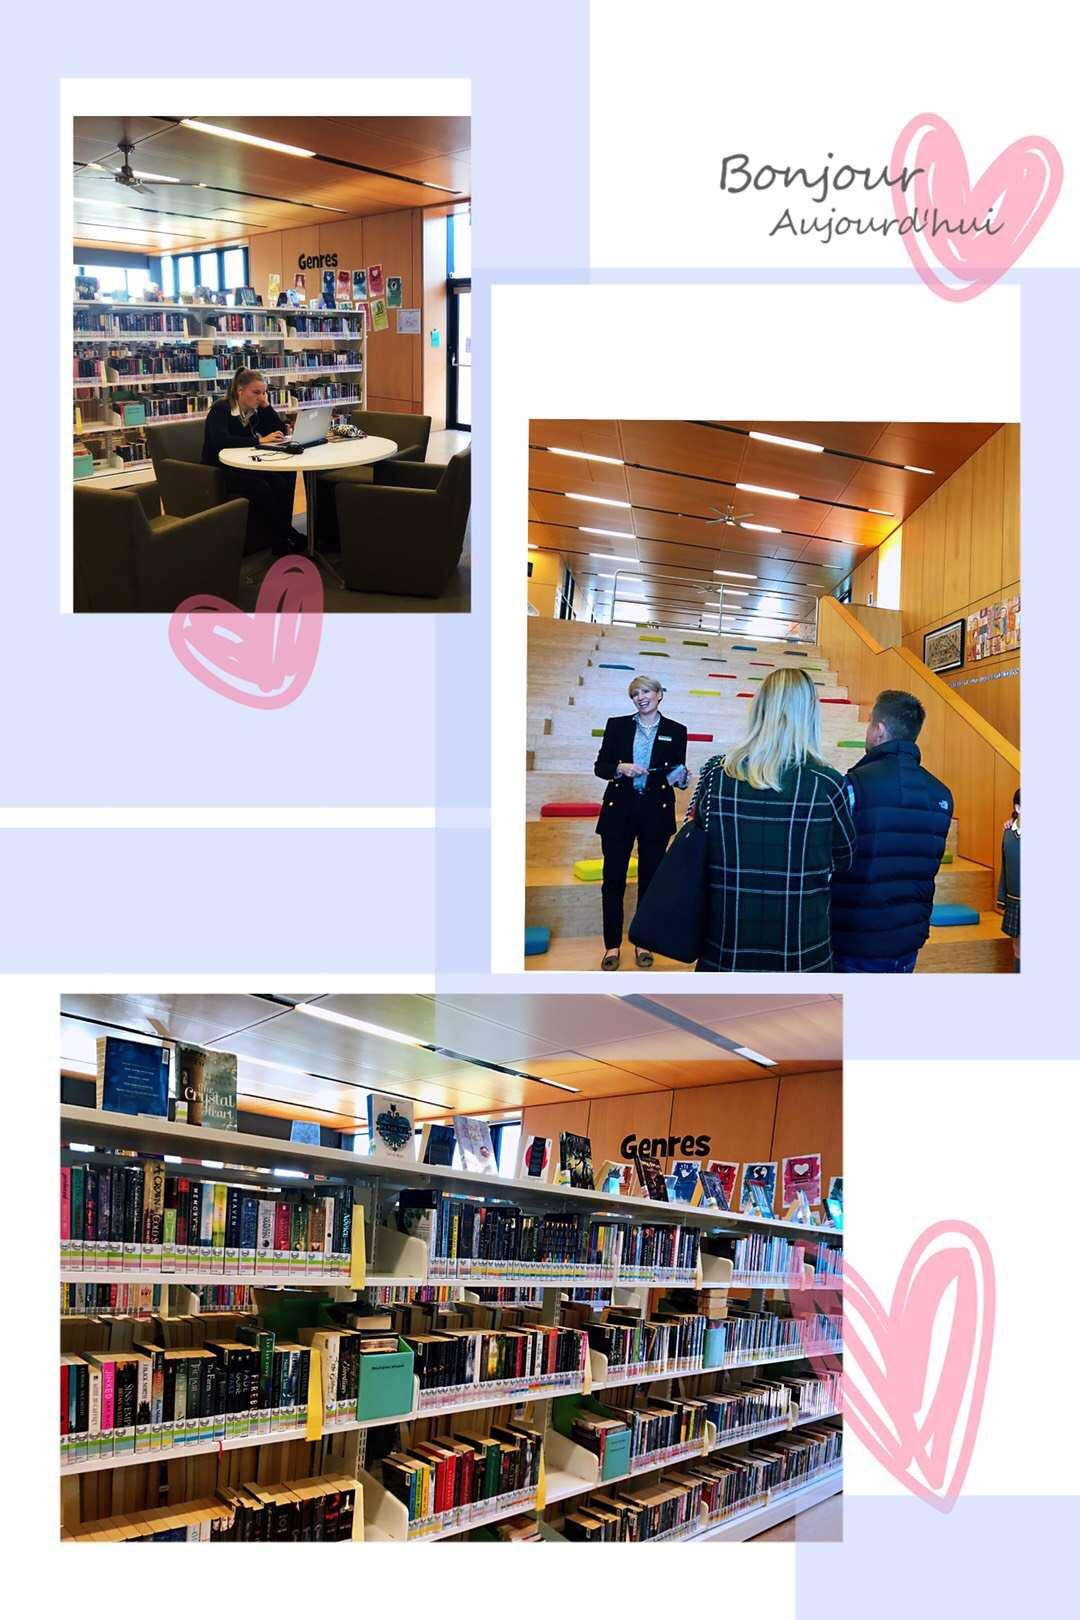 2019年5月15日 Ravenswood School for Girls